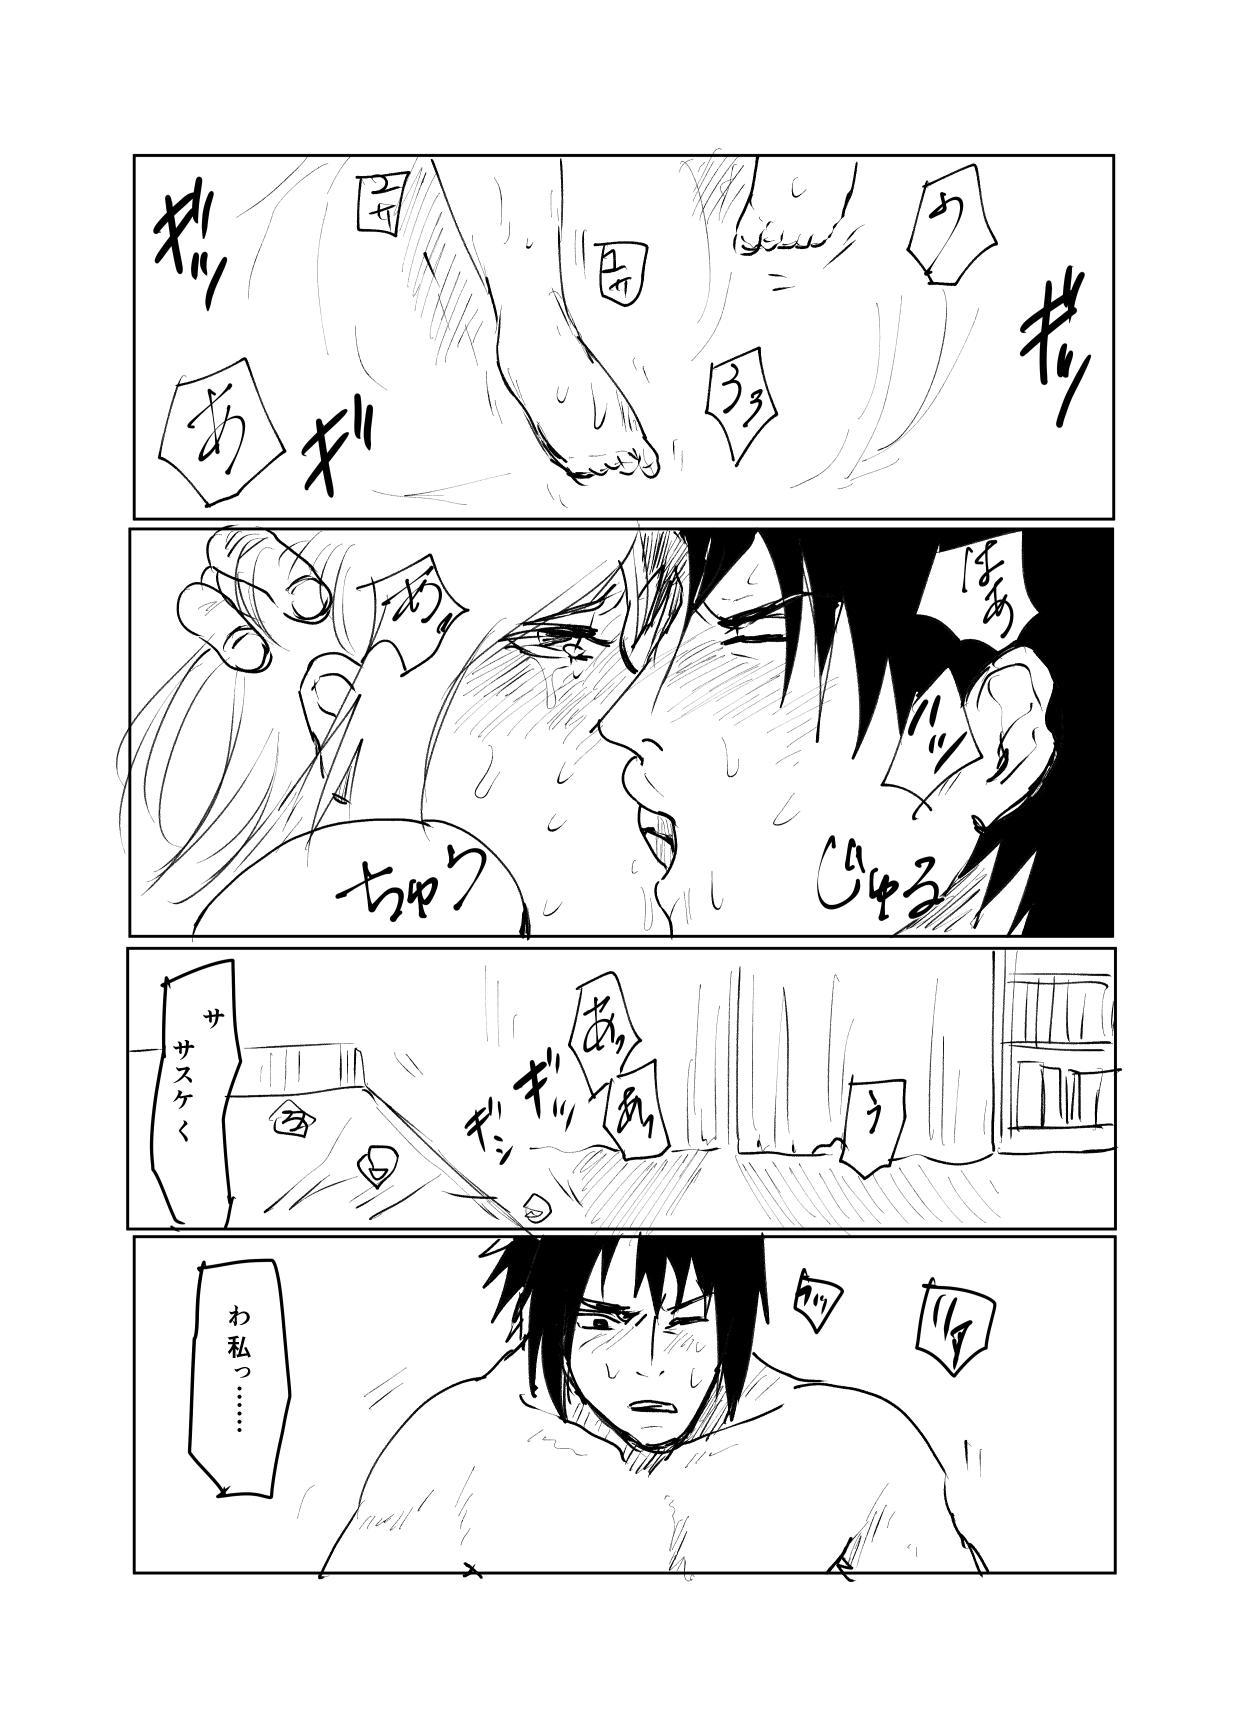 嘘告白漫画 72